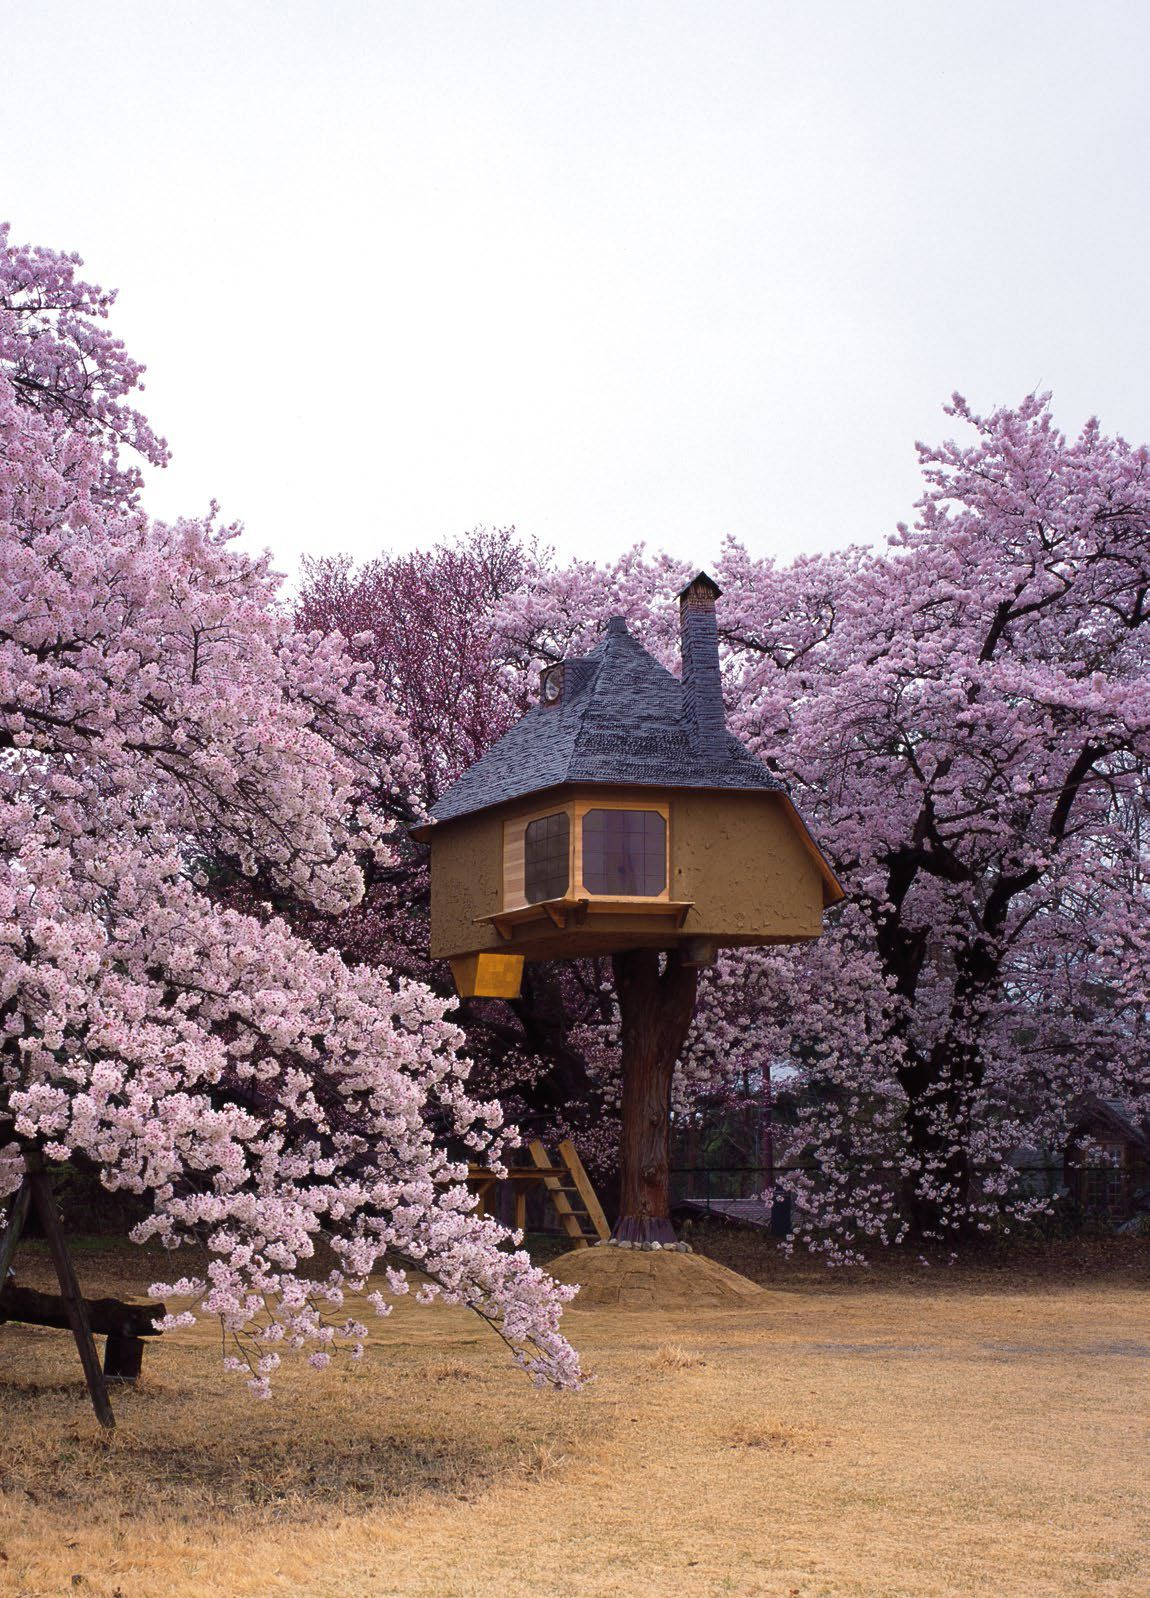 Tree house designed by takashi kobayashi japans pioneer tree house tree house designed by takashi kobayashi japans pioneer tree house maker malvernweather Choice Image